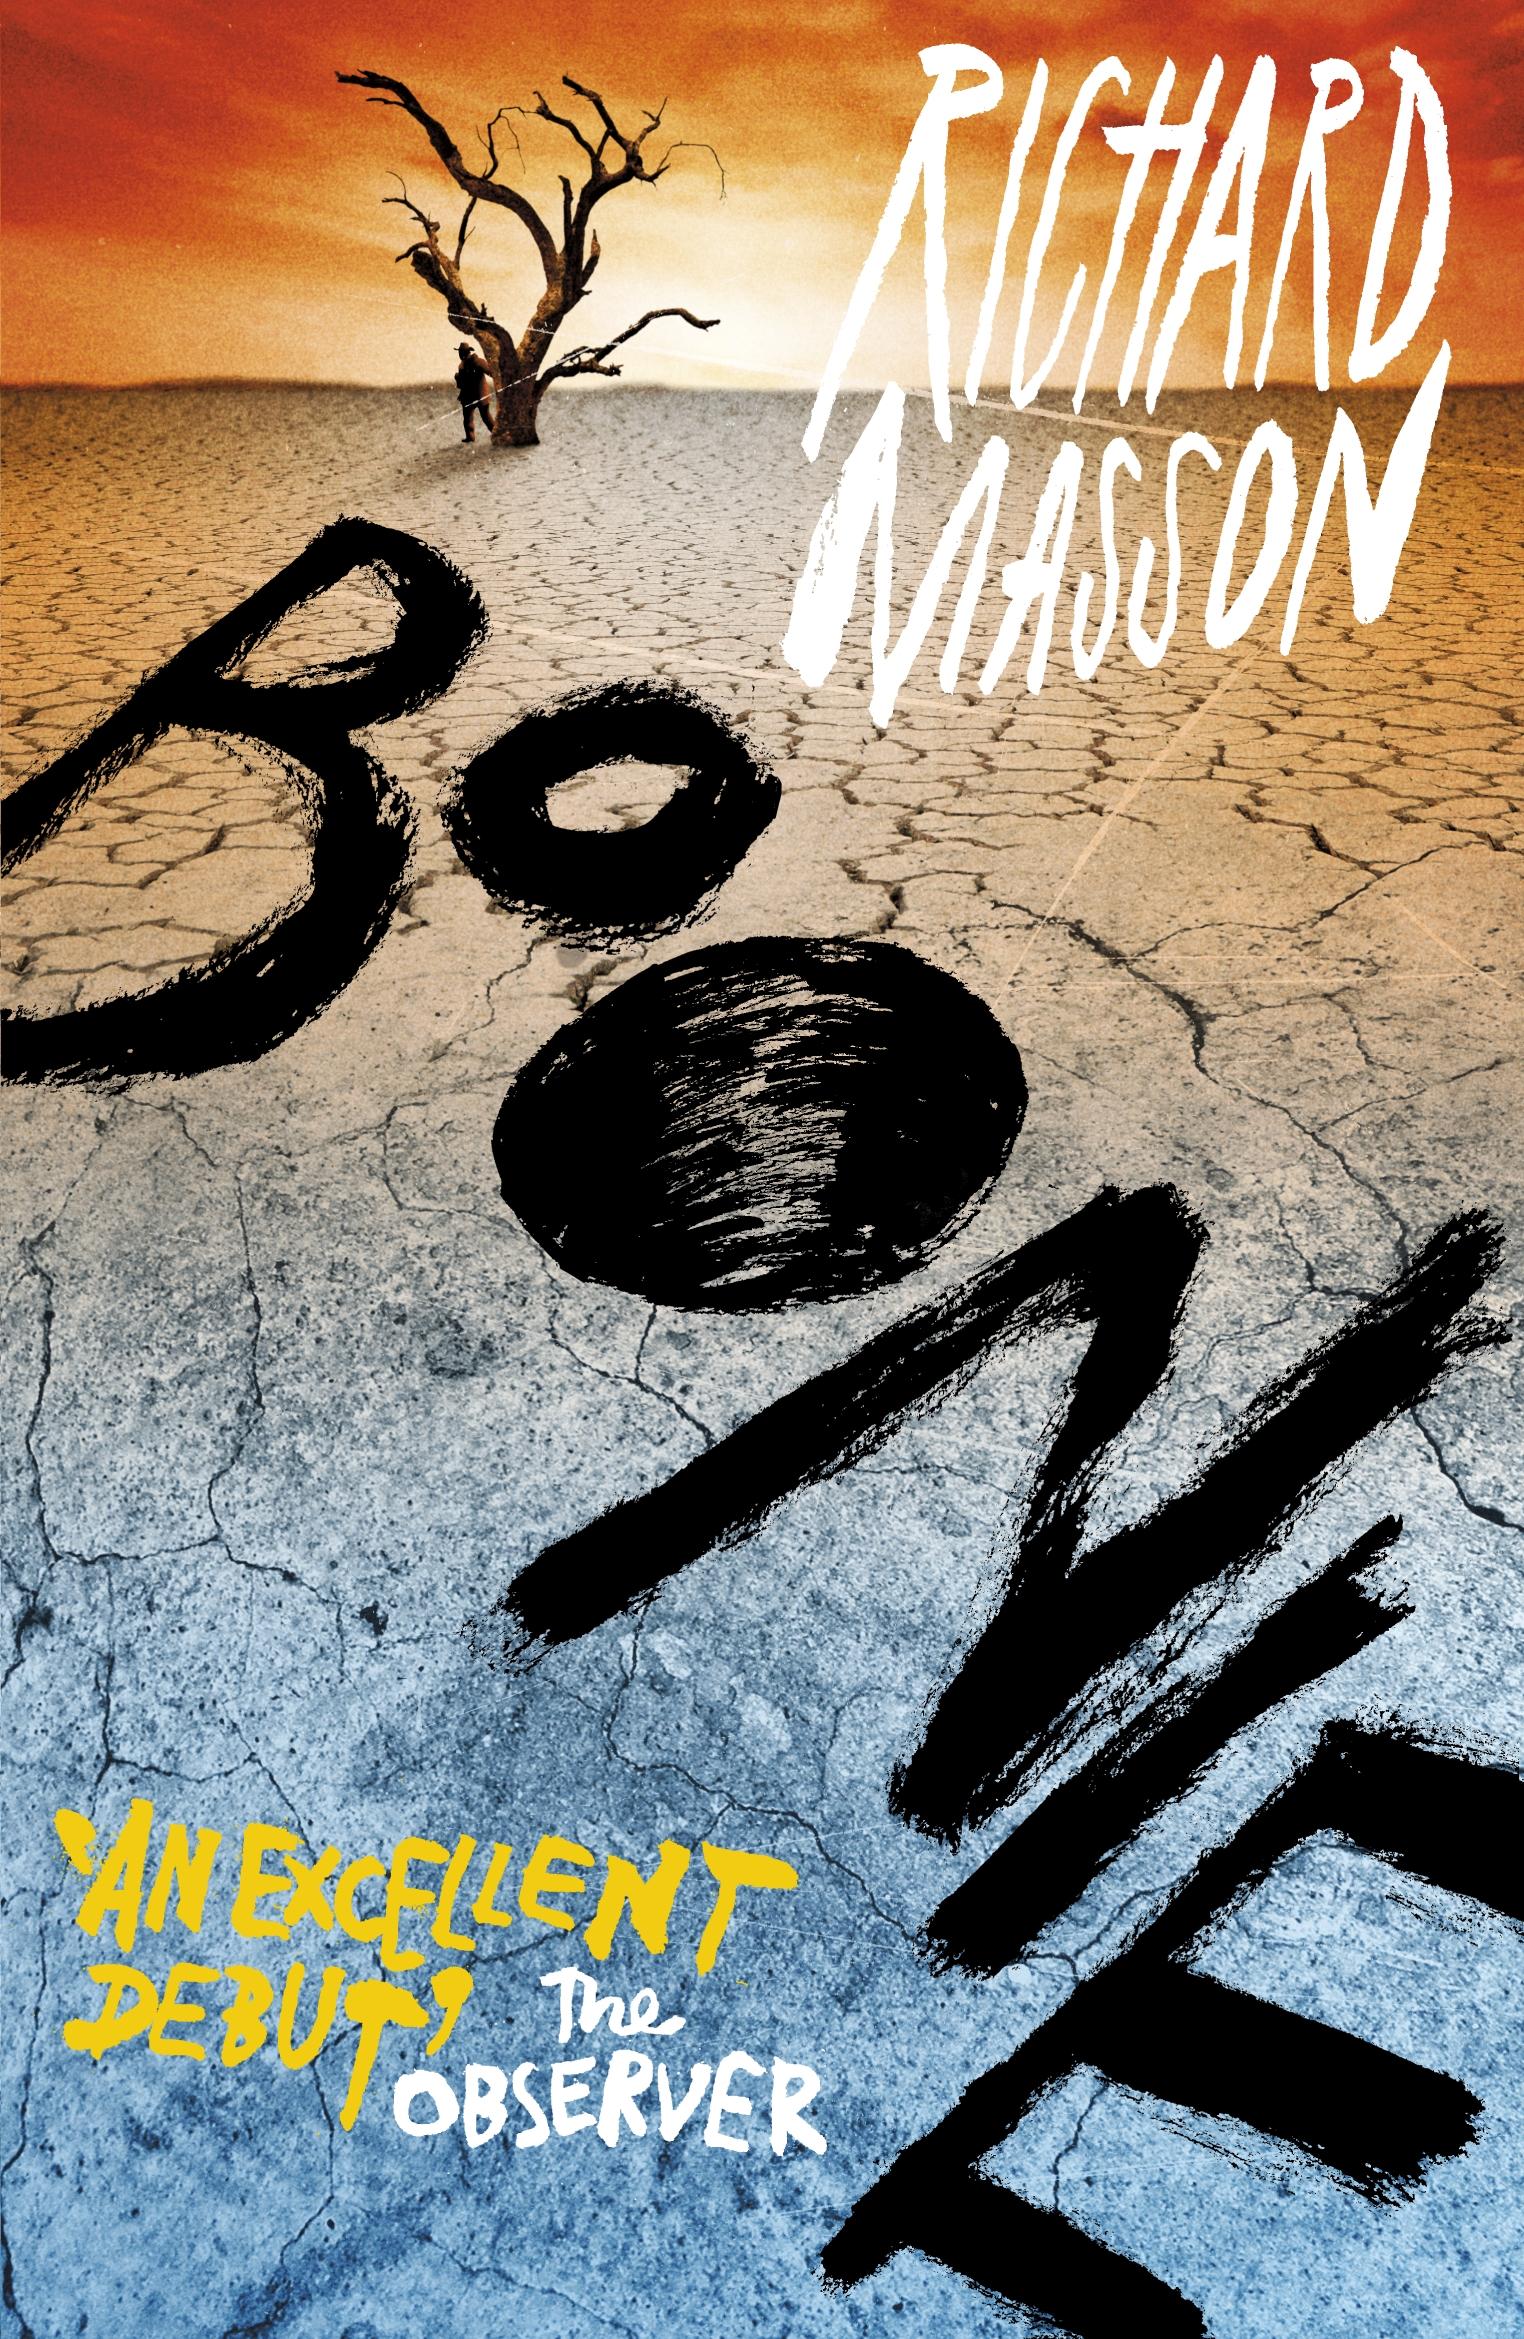 Boonie by Richard Masson